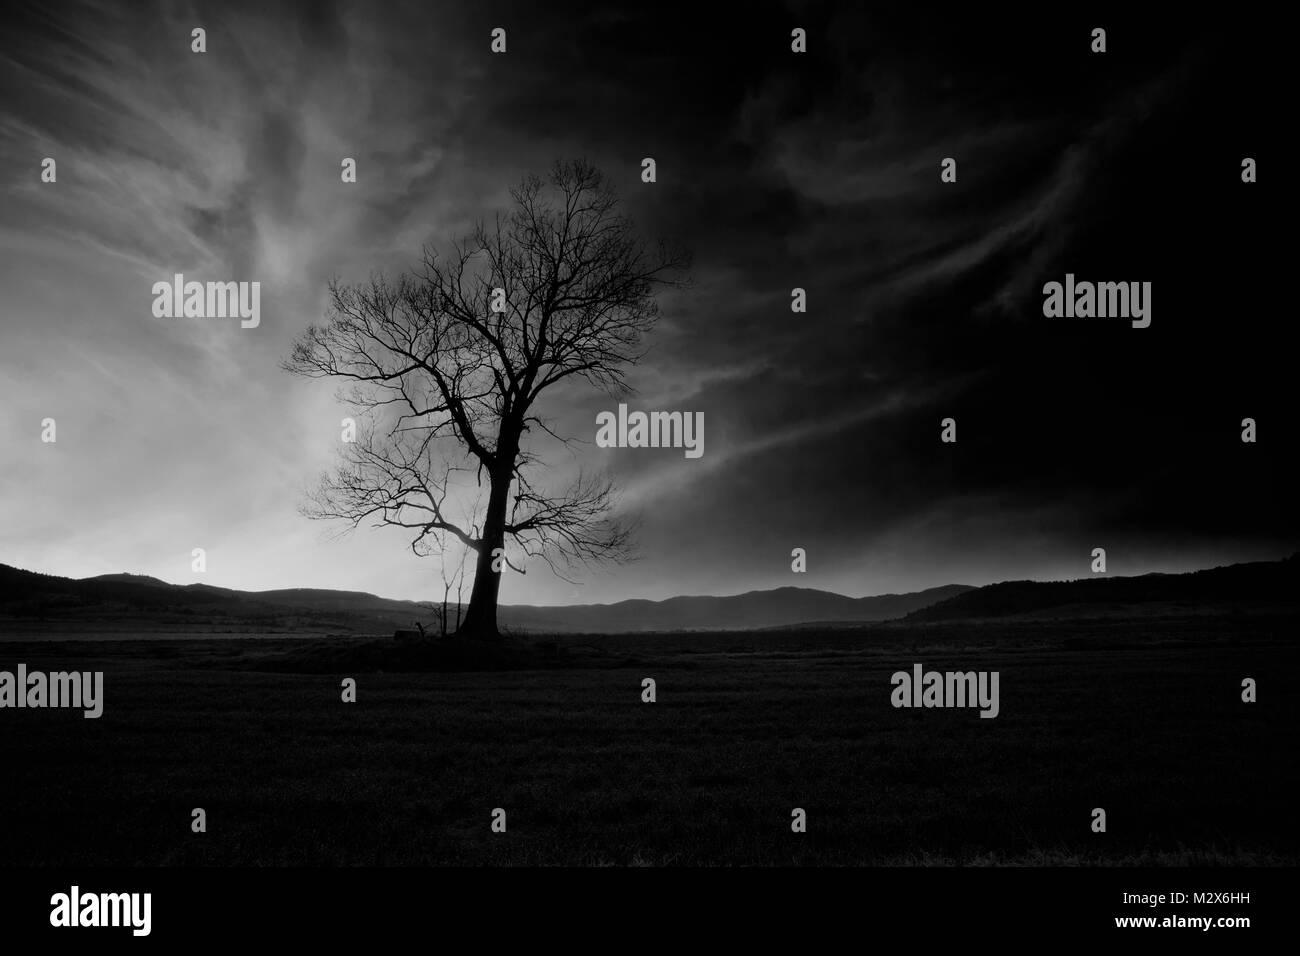 Resumen en blanco y negro contrastado alto \'low key\' horror paisaje ...